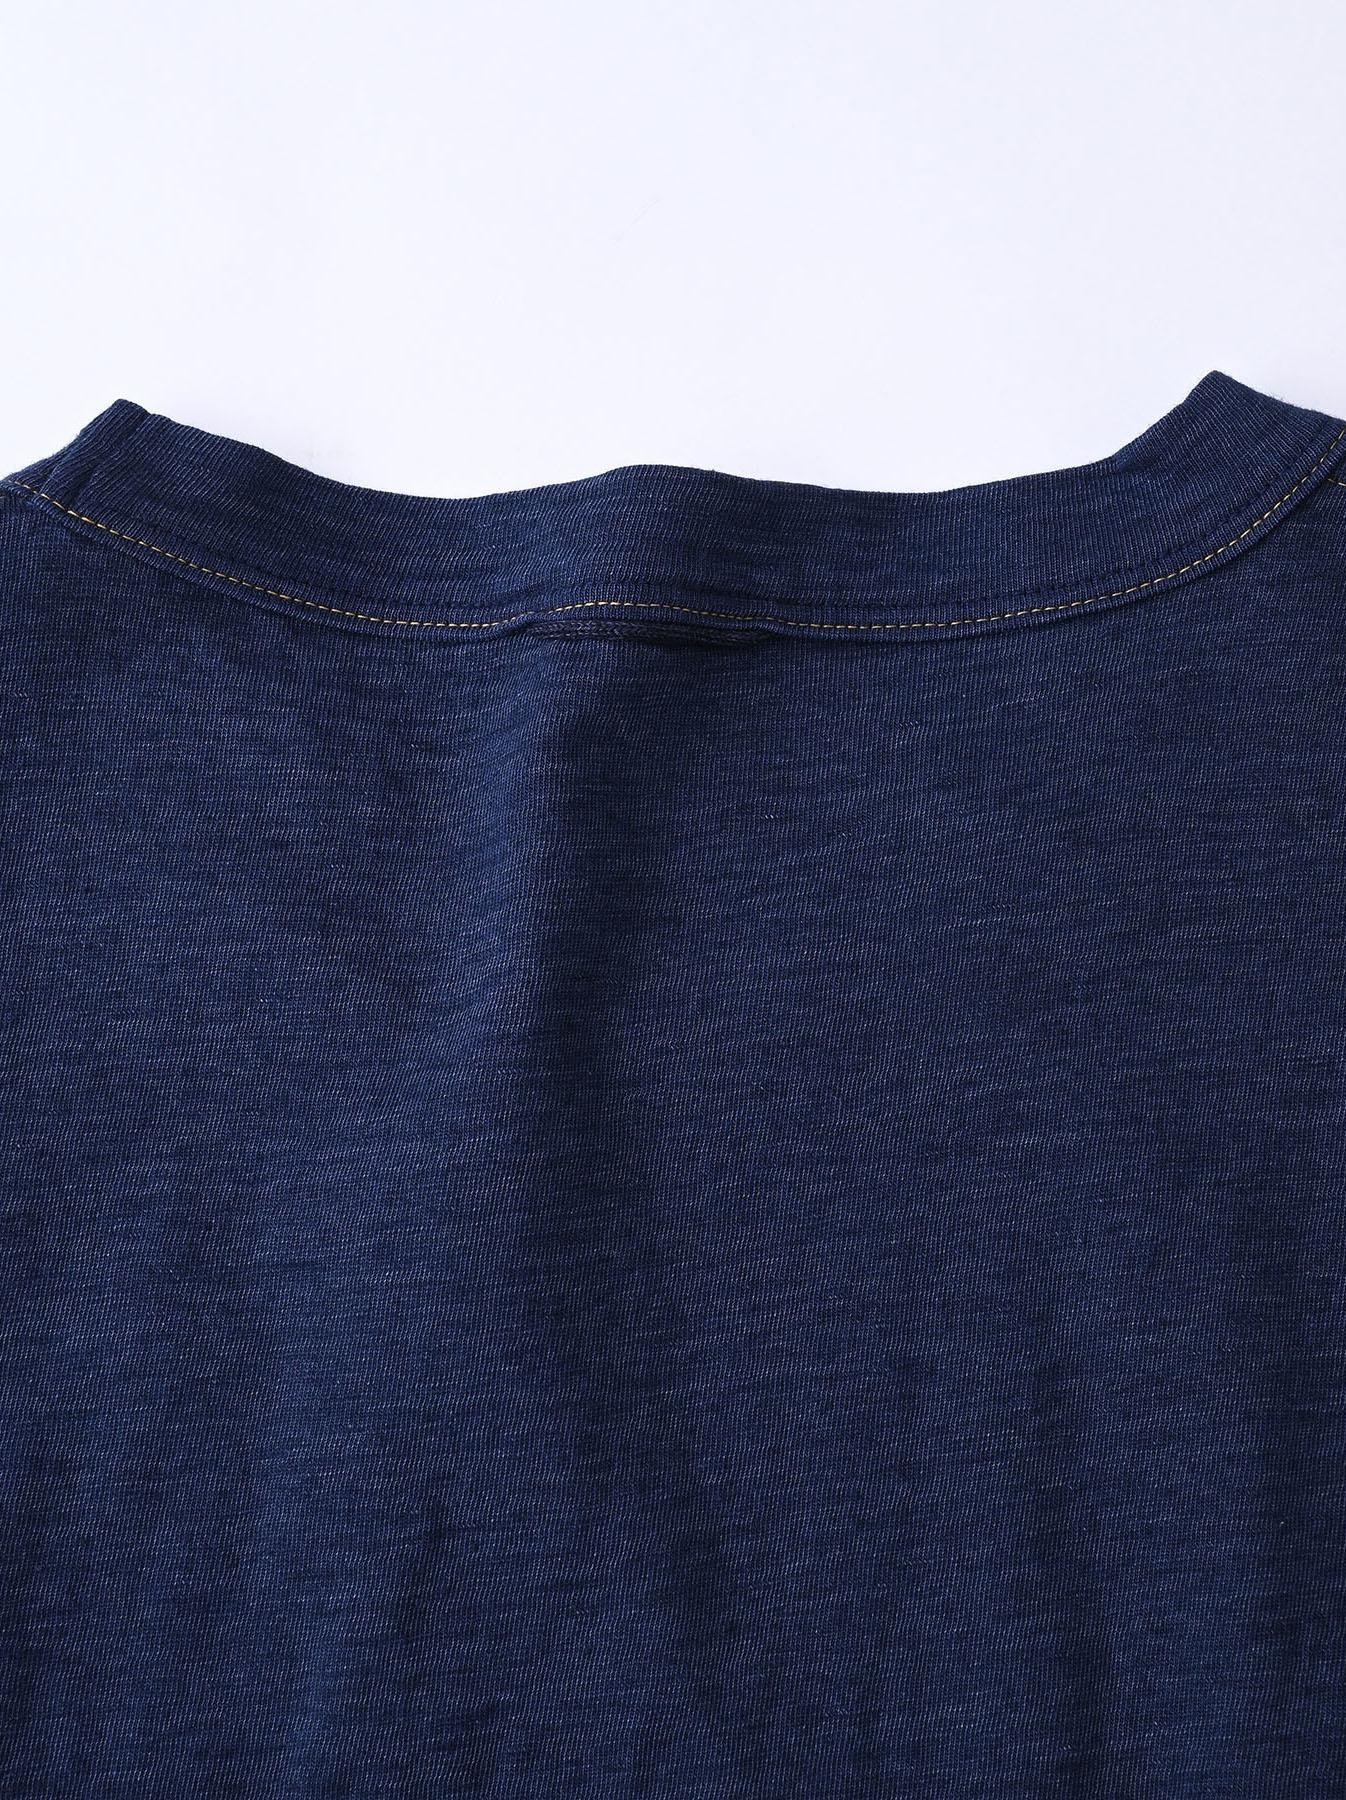 Indigo Smile R Embroidery 908 Ocean T-shirt (0621)-9